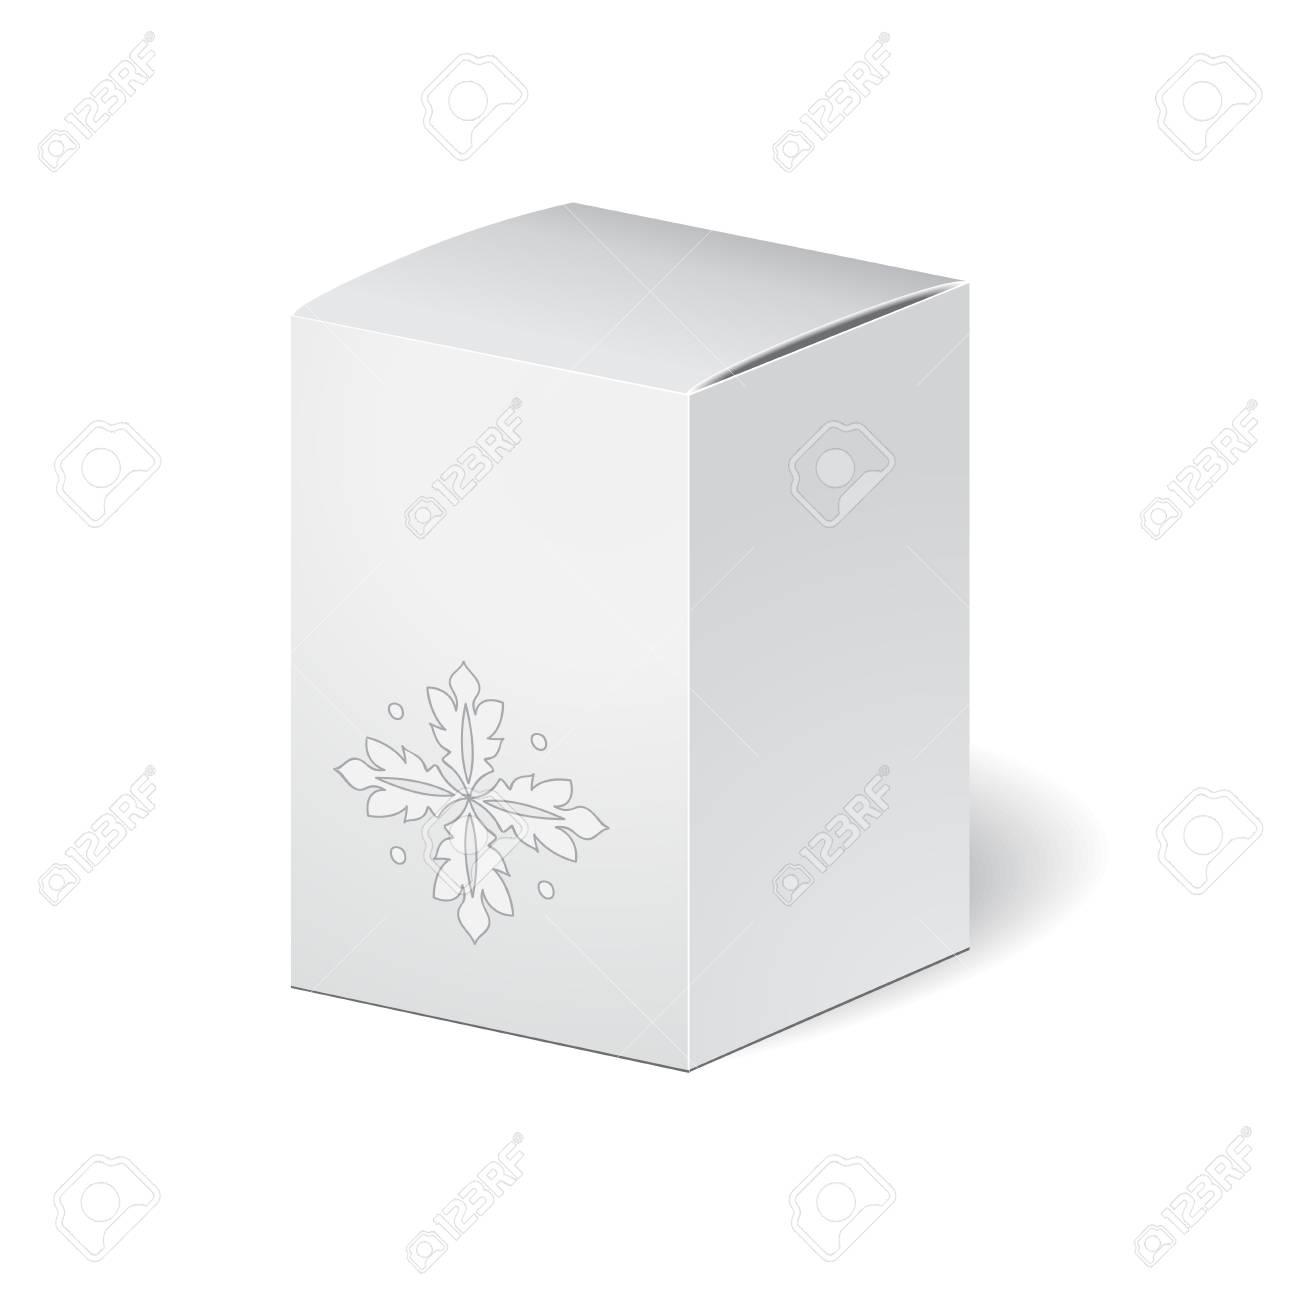 Paquete De Cartón Caja Aislada En El Fondo Blanco. Mosk Arriba ...